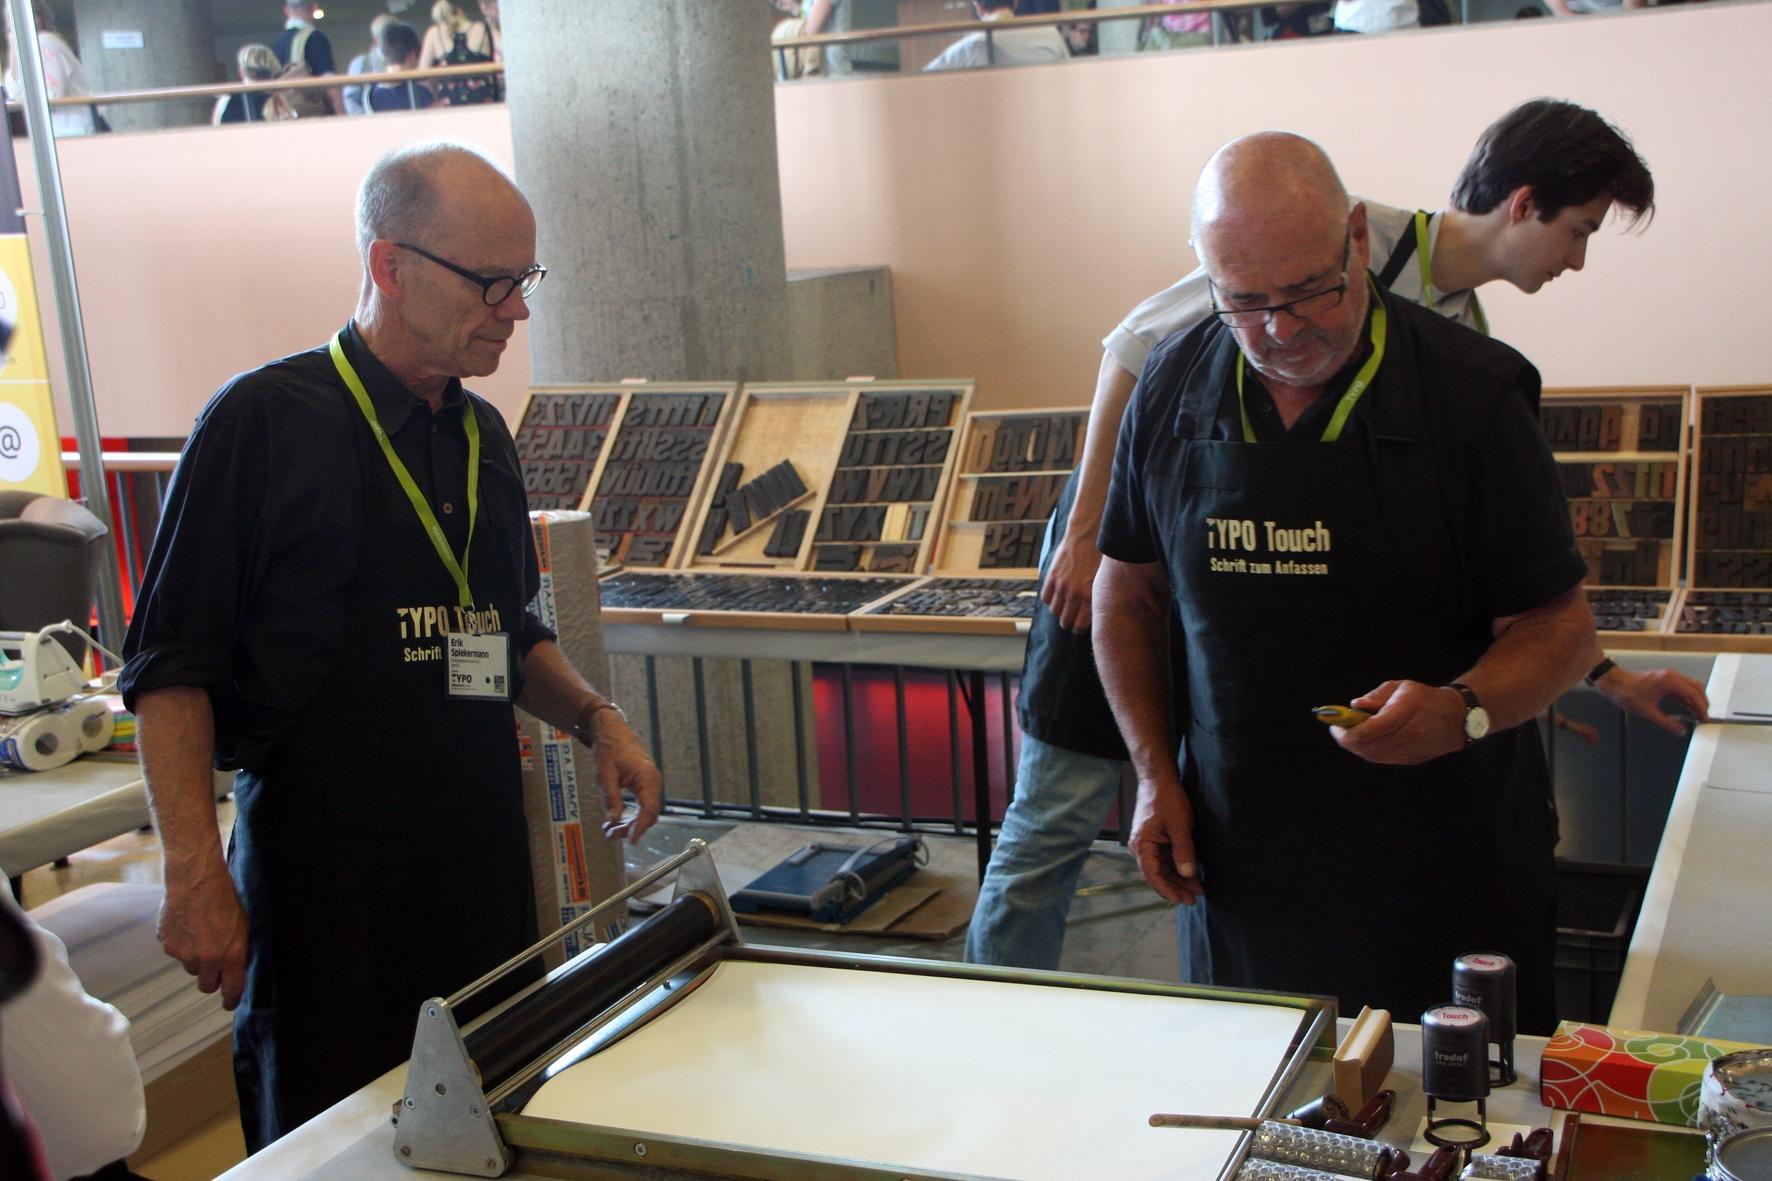 Erik Spiekermann (vľavo) viedol workshopy klasickej tlače v improvizovanej kníhtlačovej dielni